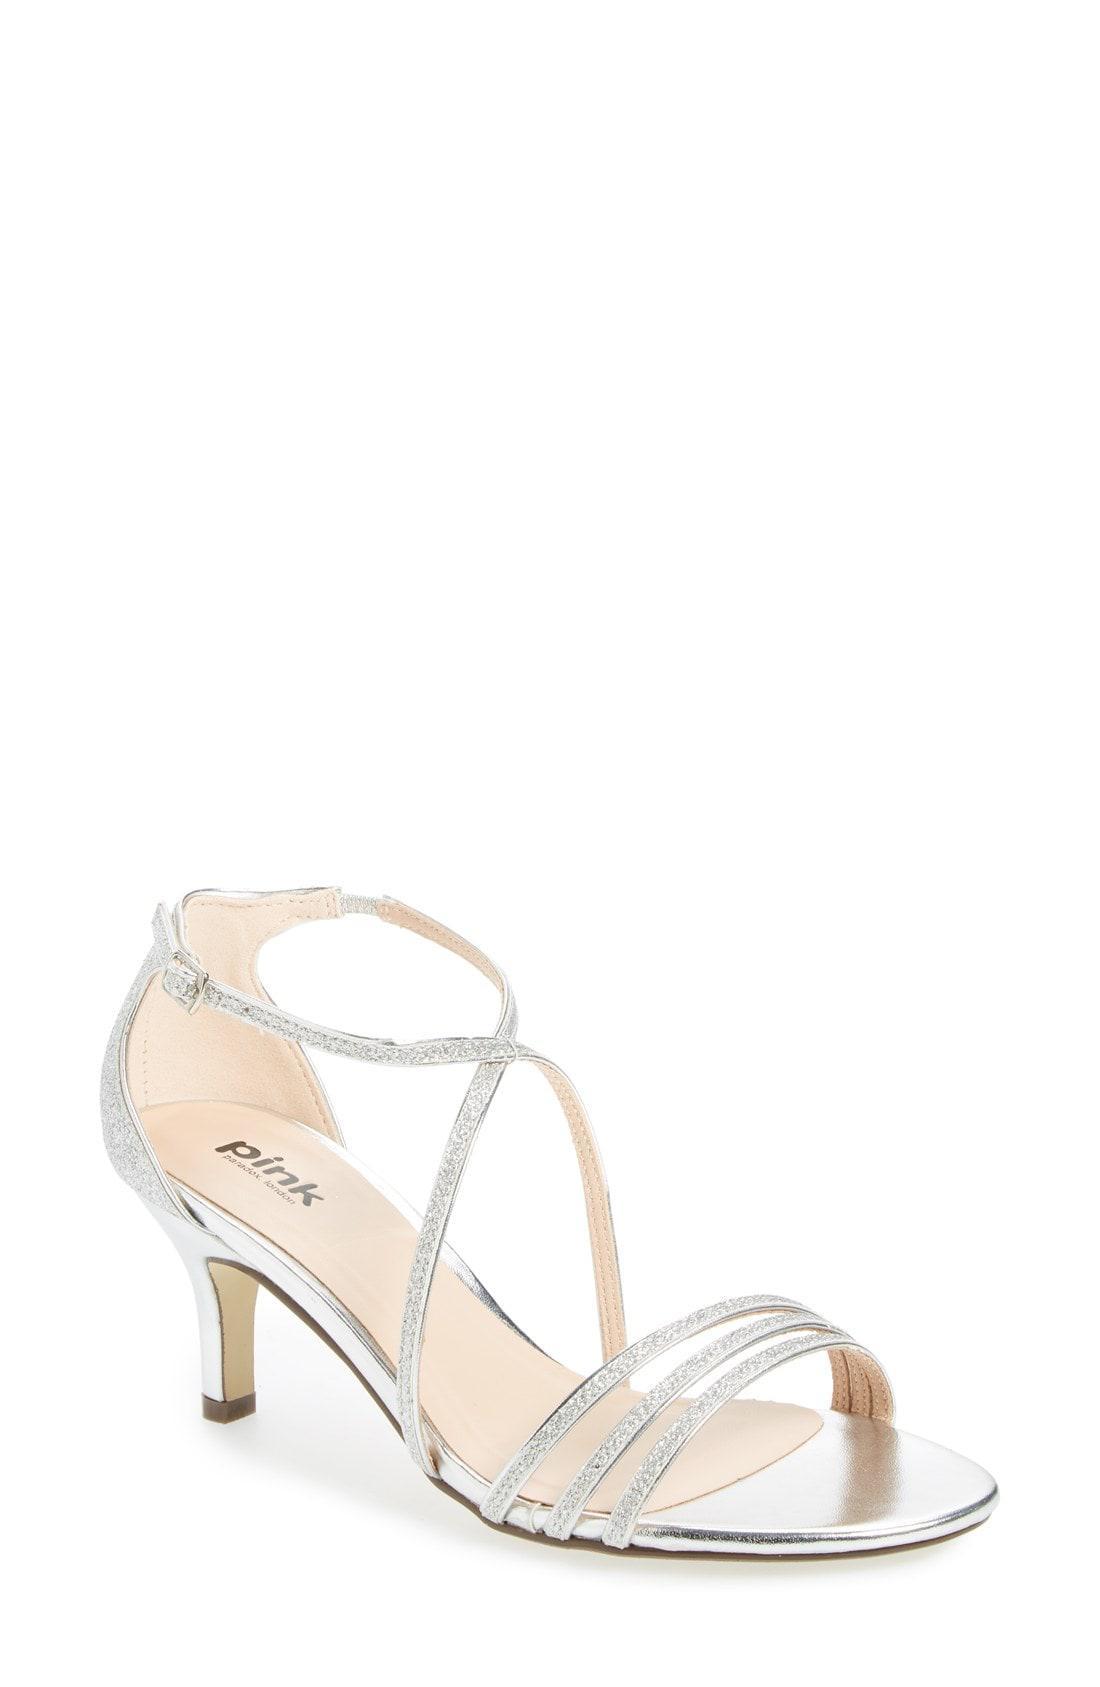 d4b7850bee2fd2 Lyst - Paradox London Pink  isla  Glitter Sandal in Metallic